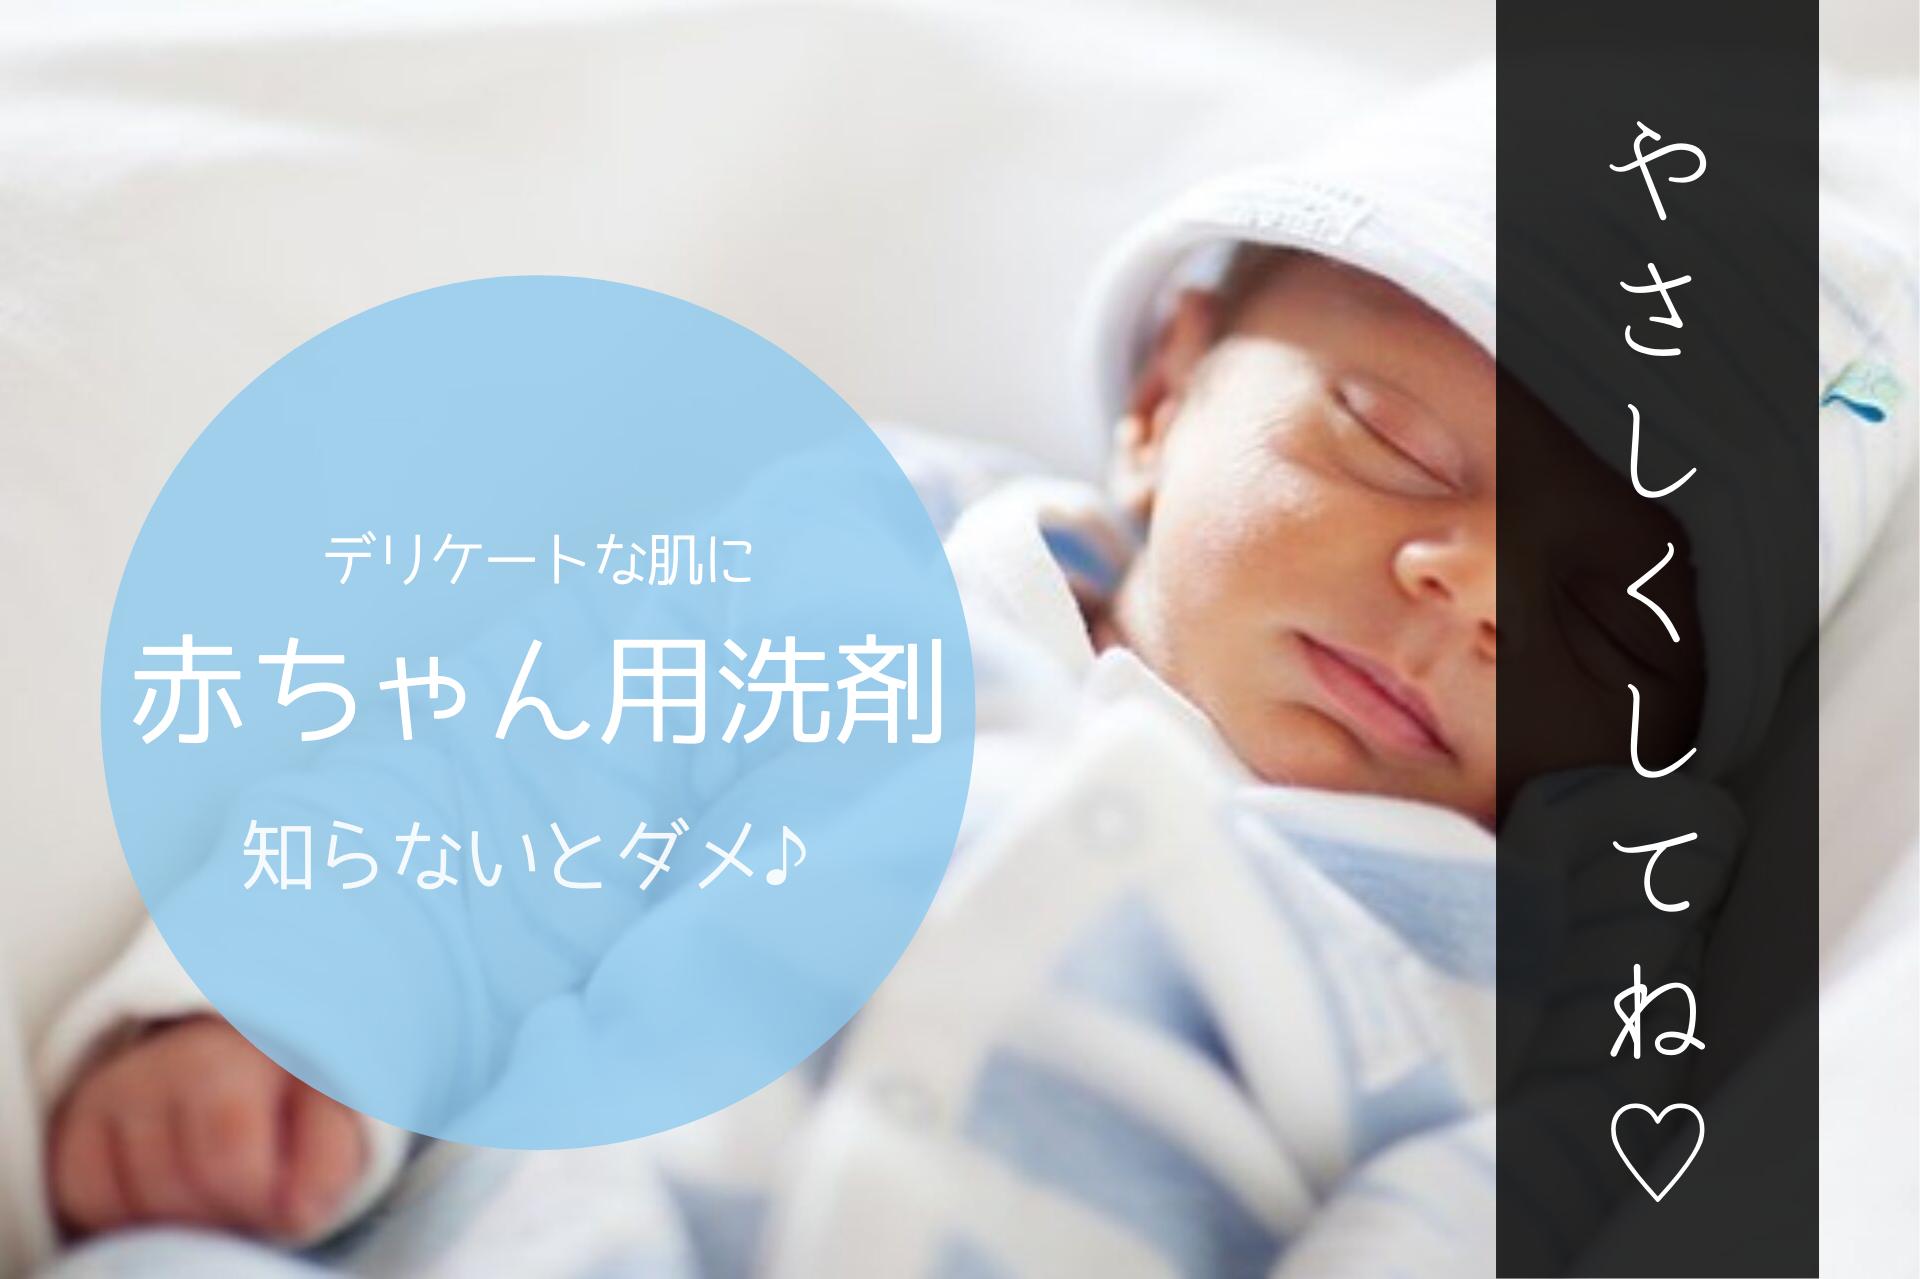 赤ちゃんに優しい洗剤は?いつまで赤ちゃん用洗剤を使う?必要性とおすすめ